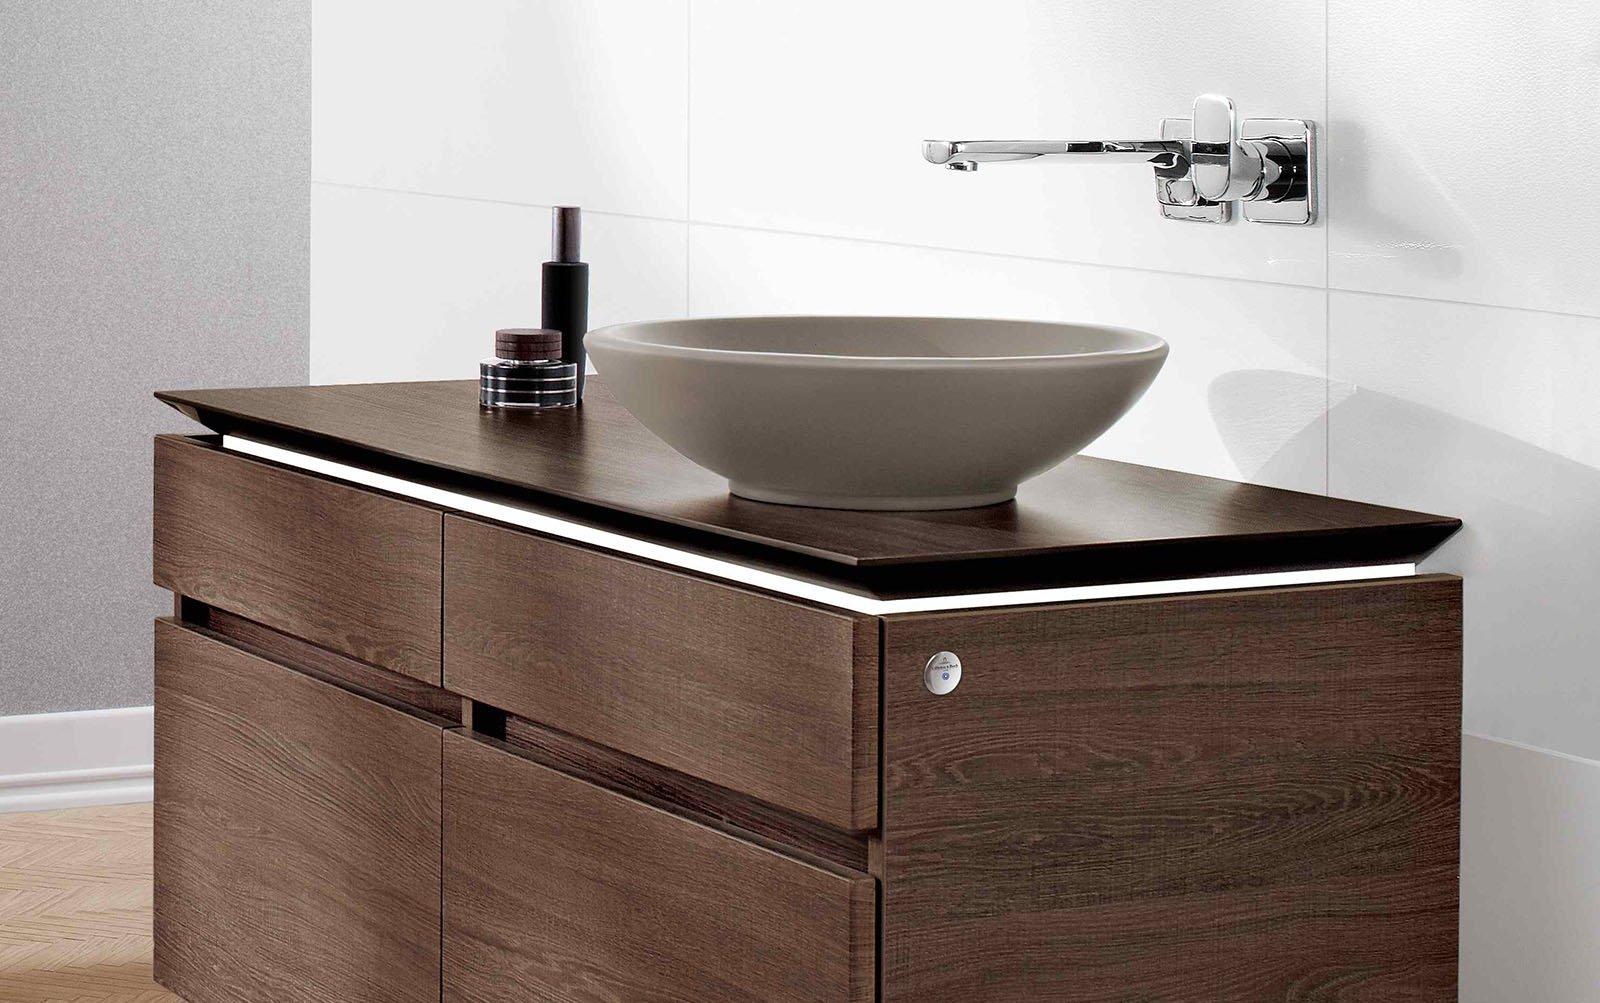 mobili bagno con lavandino in appoggio   sweetwaterrescue - Mobili Bagno Con Lavandino In Appoggio